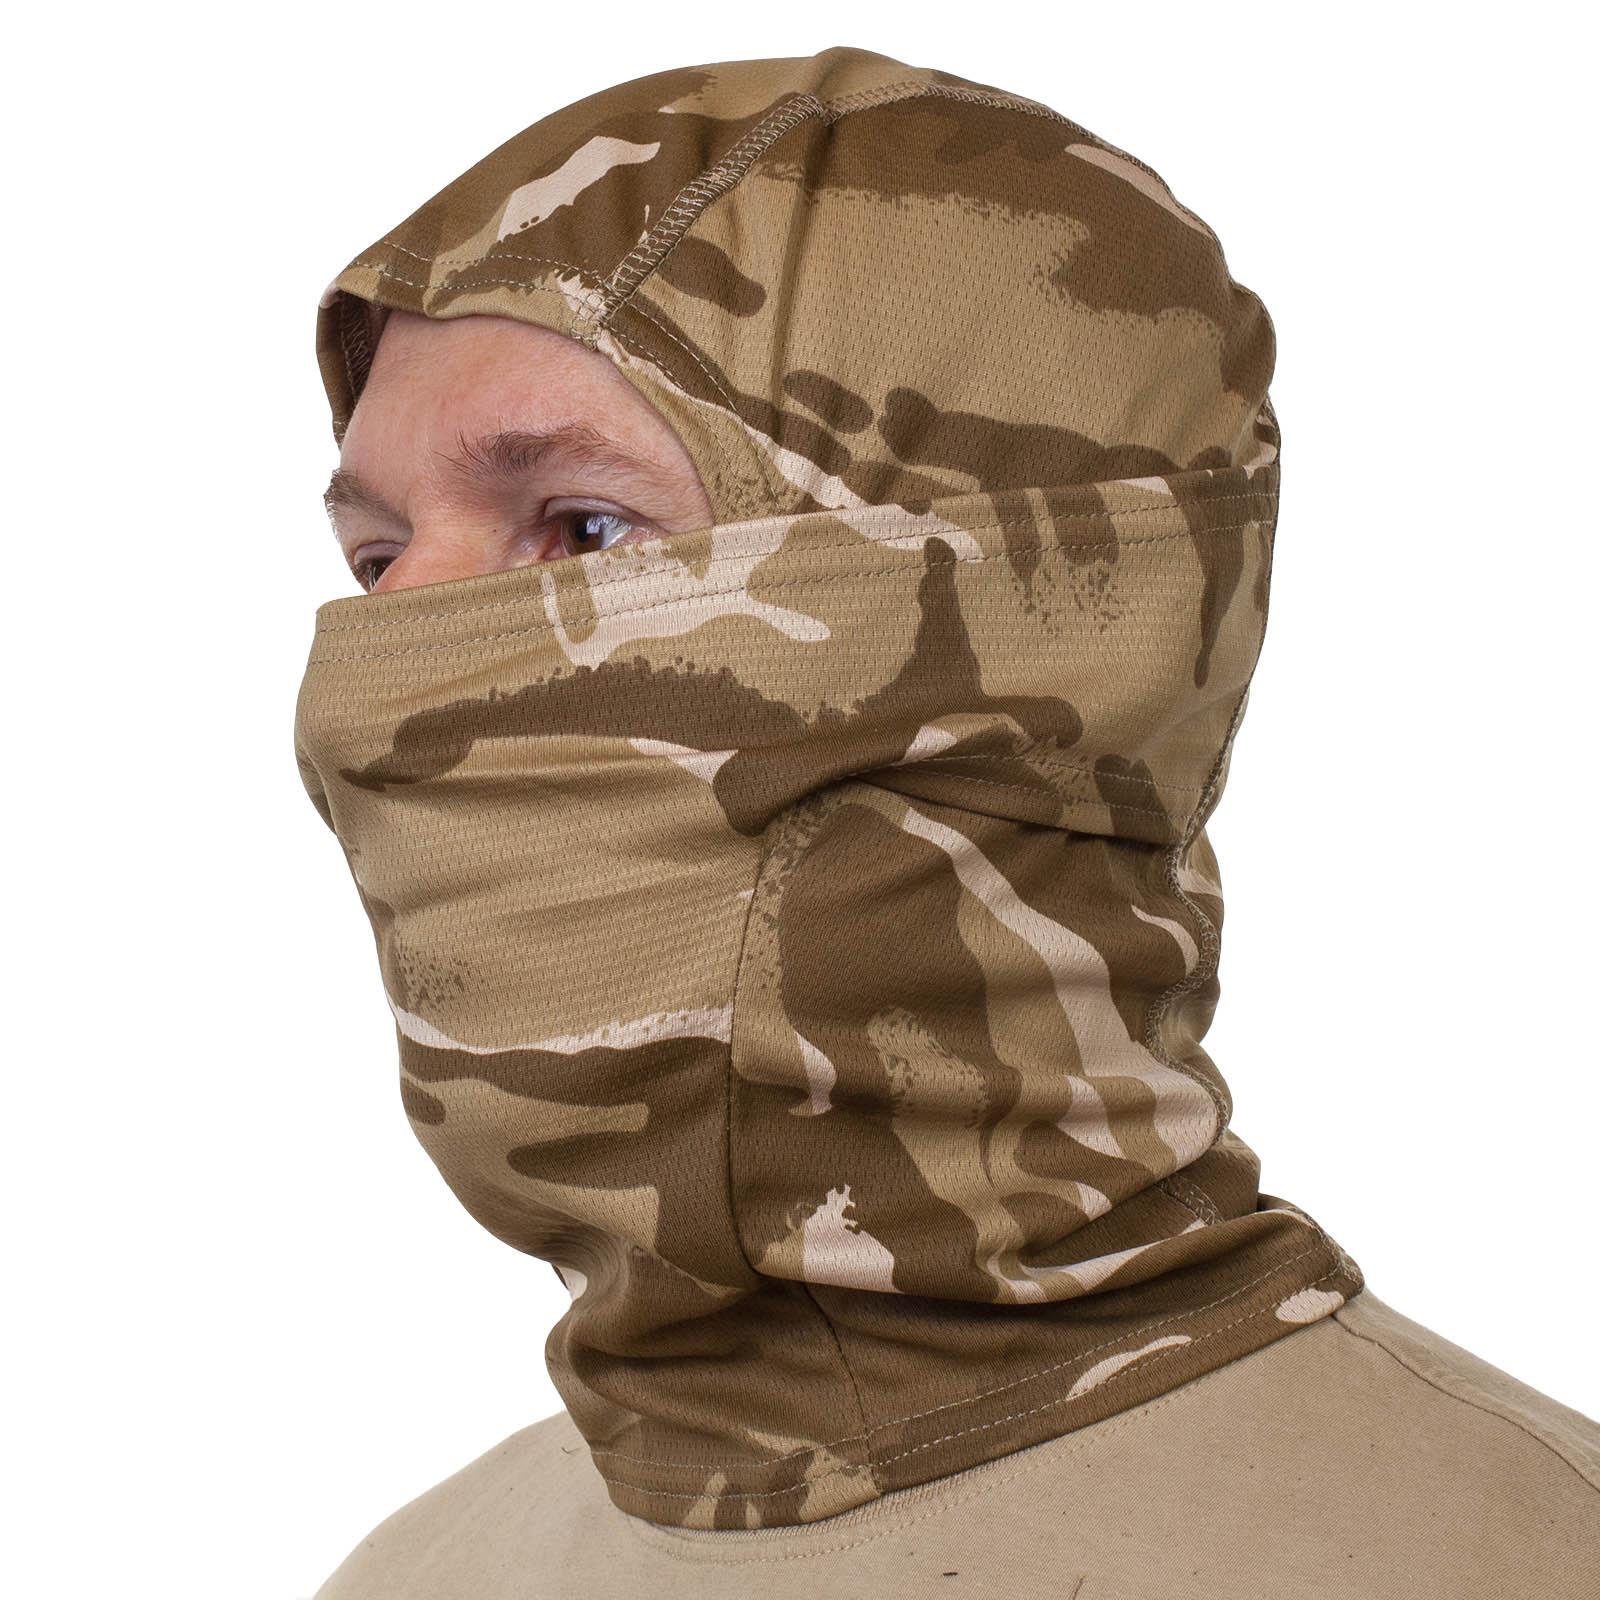 Купить в военторге камуфляжную маску подшлемник